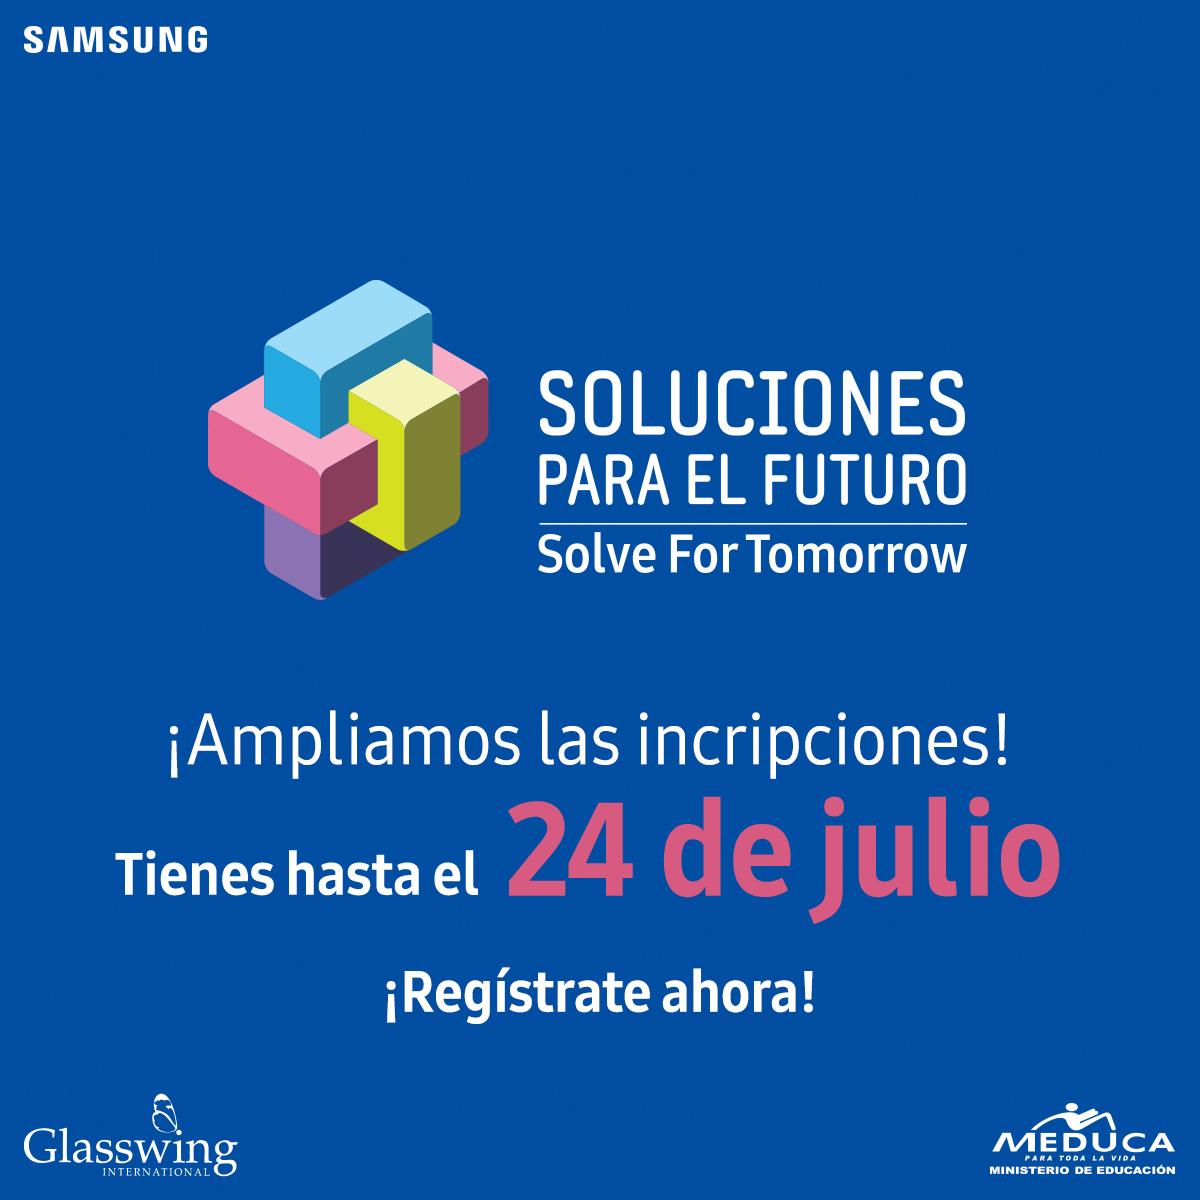 SOLUCIONES-PARA-EL-FUTURO_EXTENSION_FECHA_1200X1200